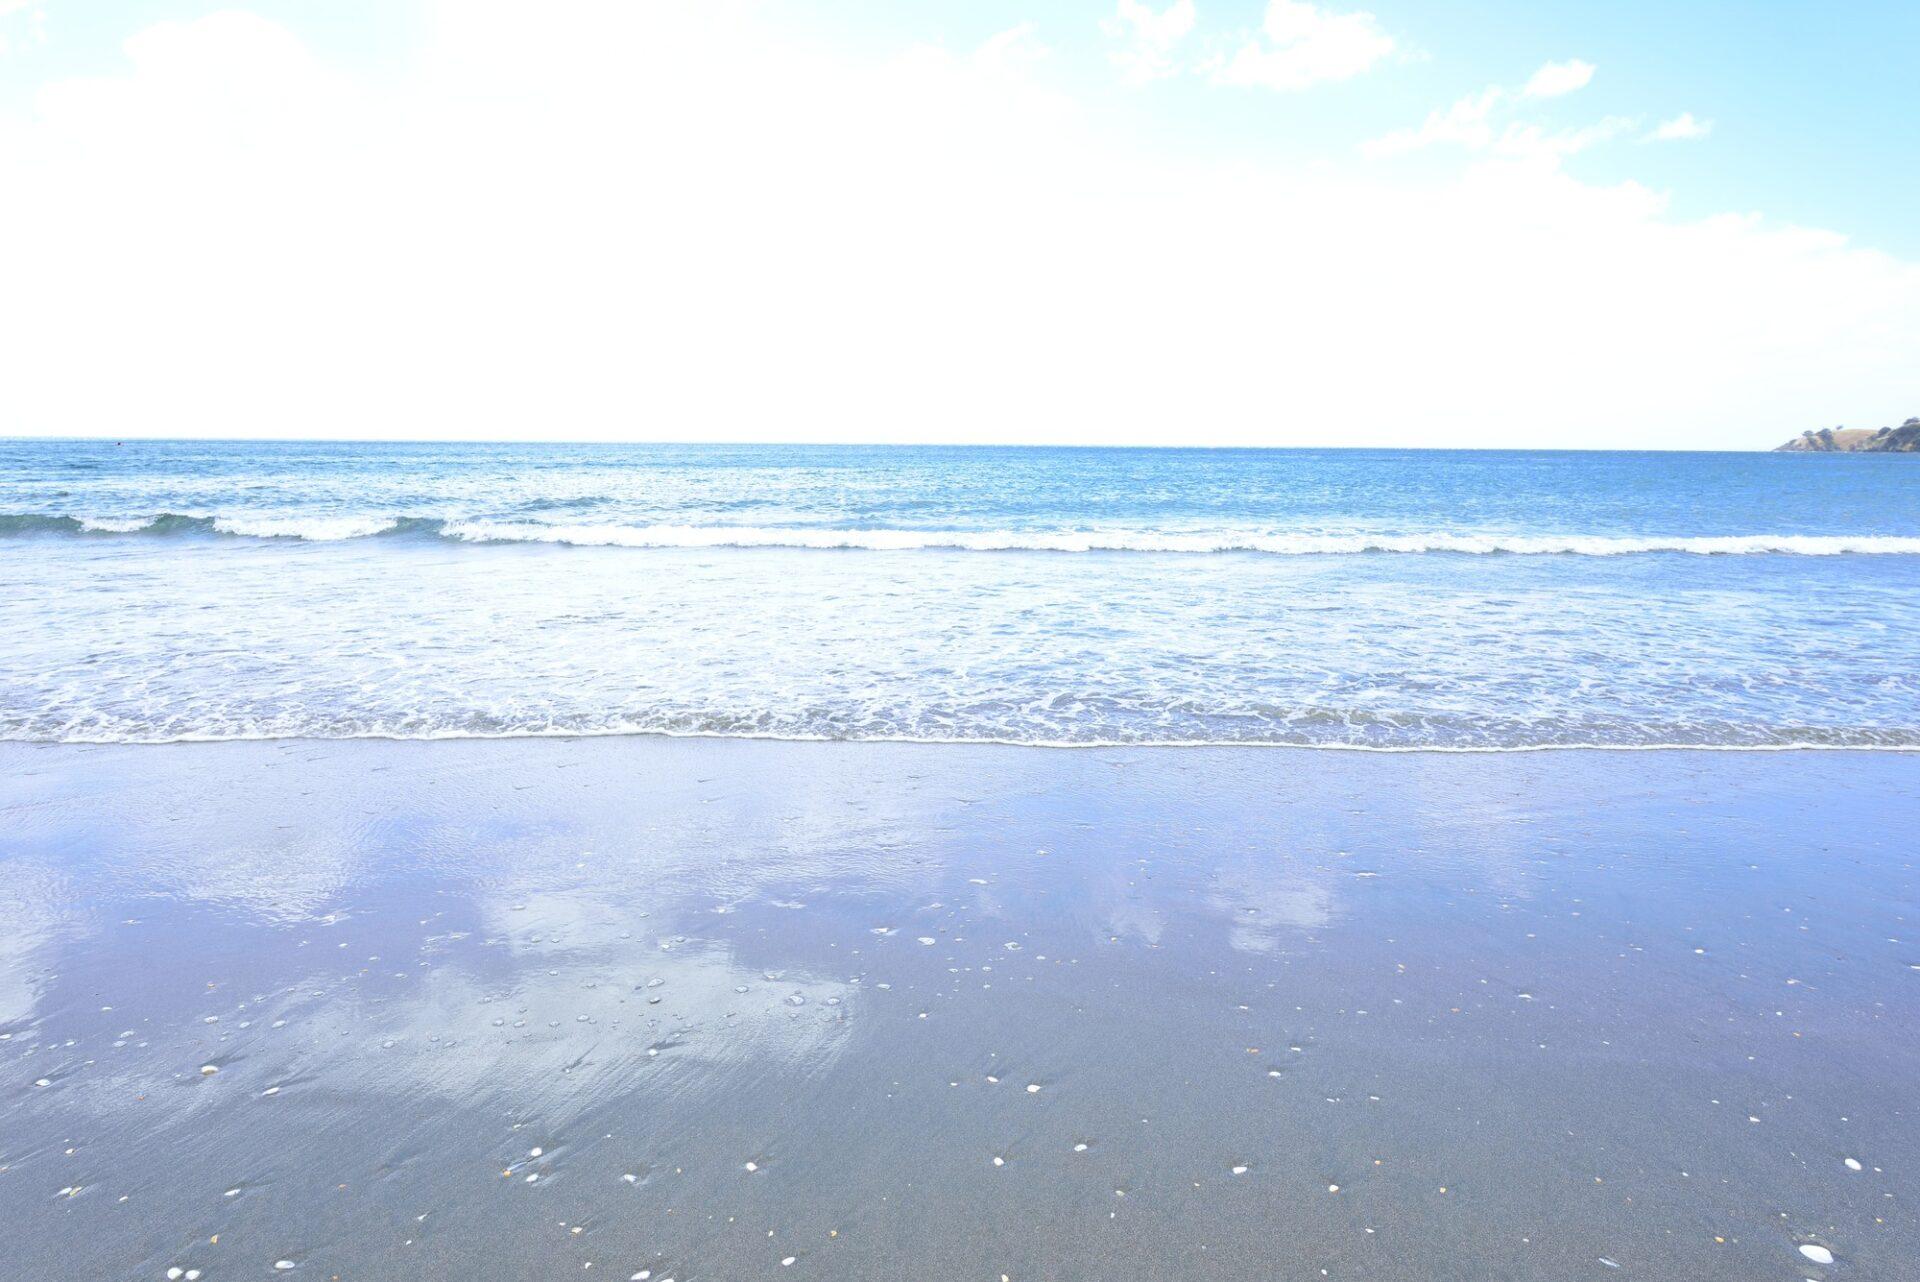 波打ち際から見える水平線